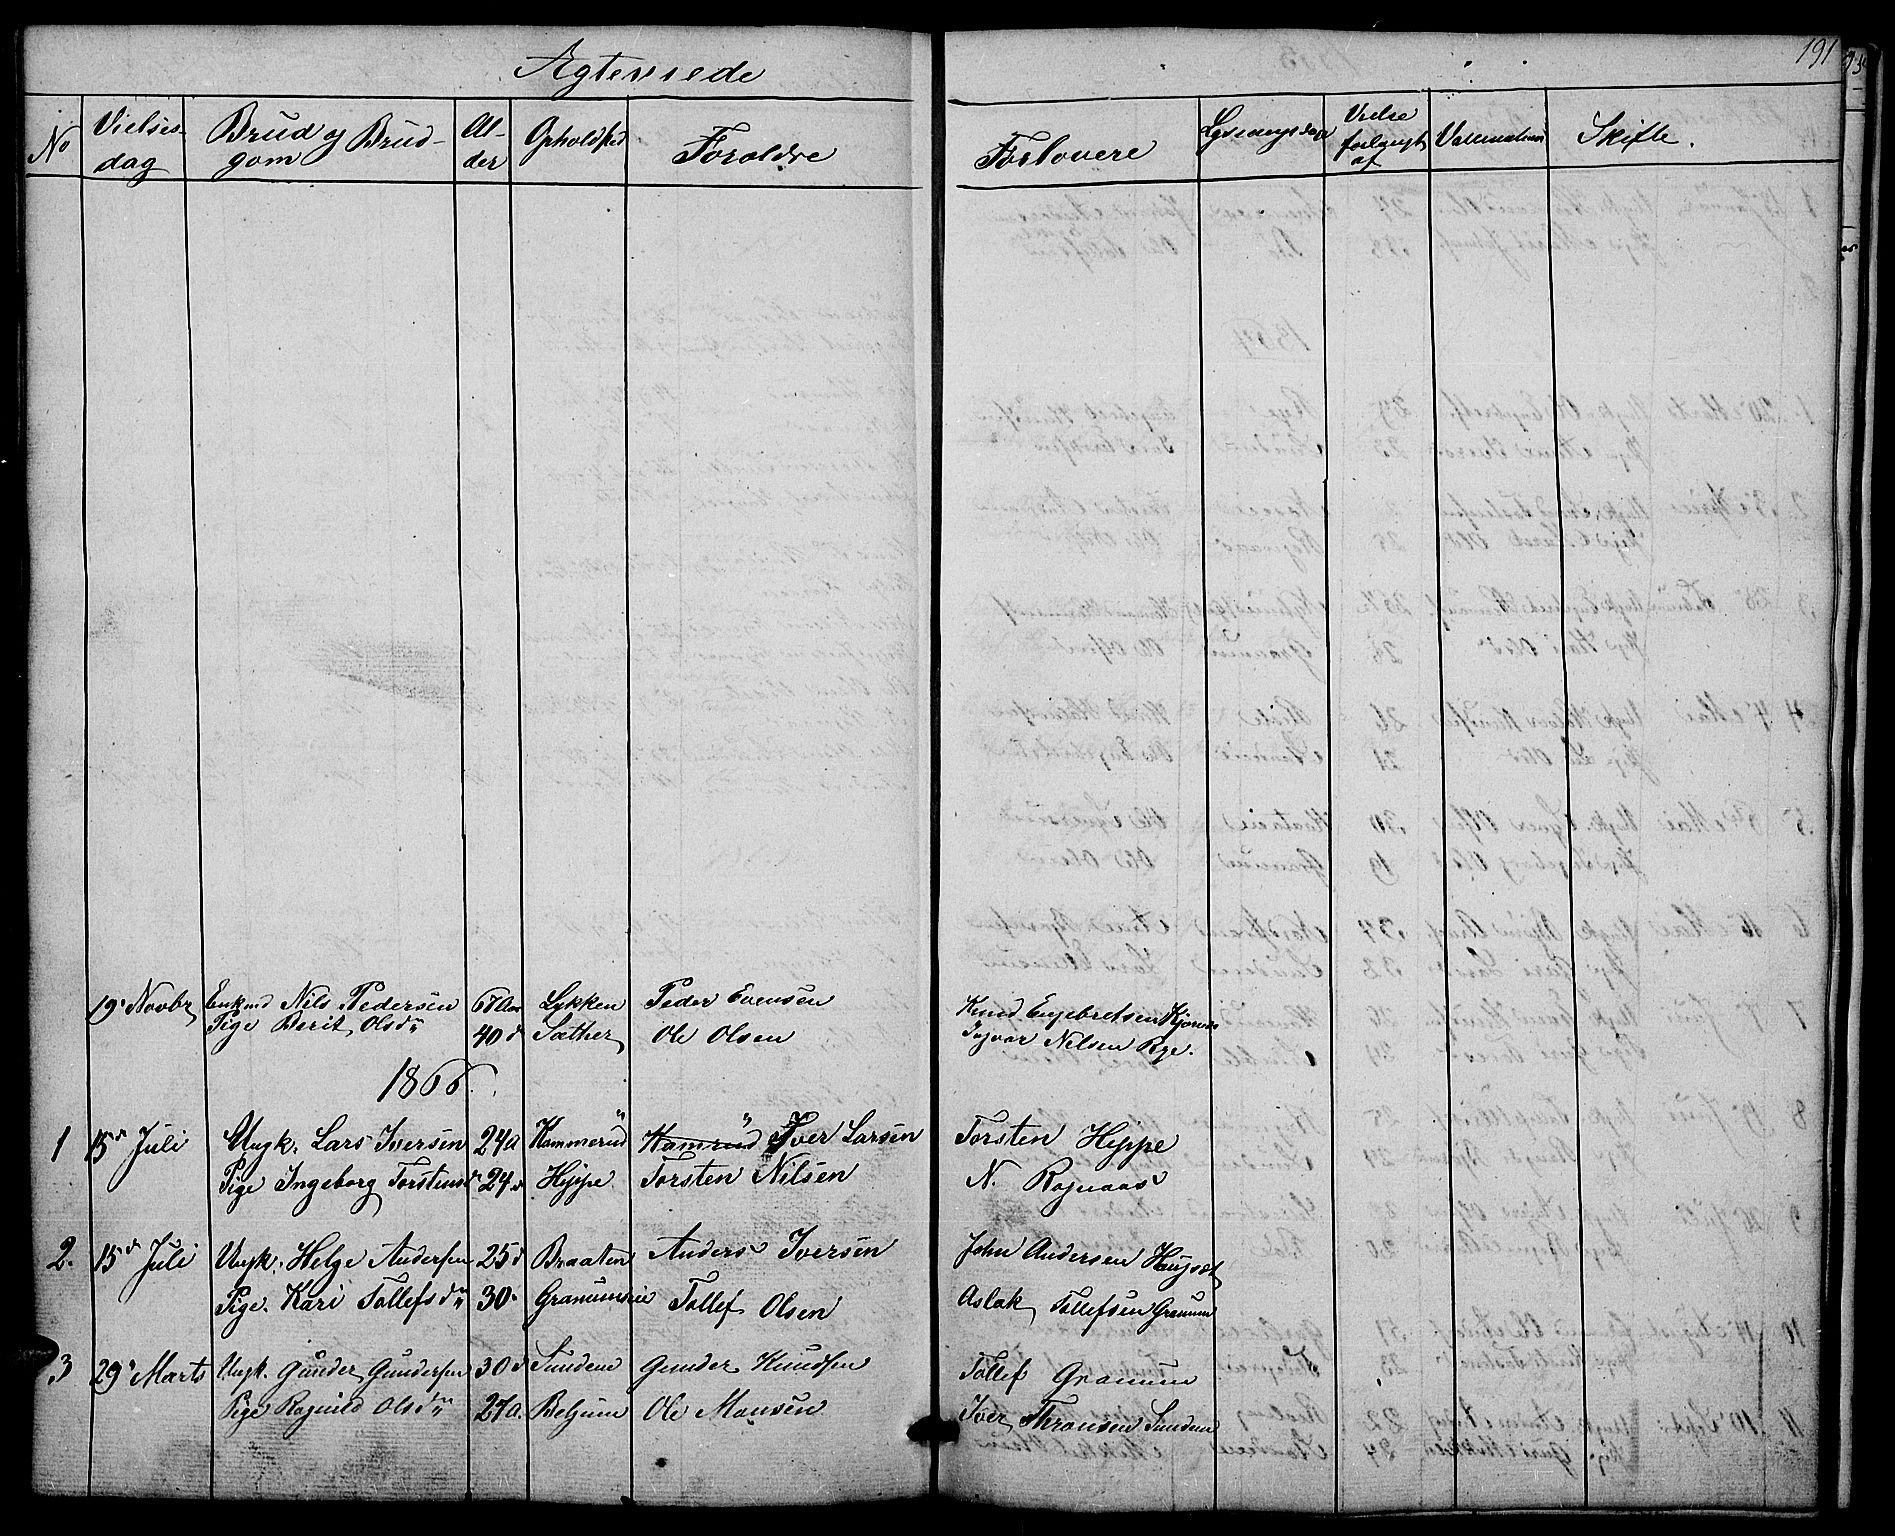 SAH, Nord-Aurdal prestekontor, Klokkerbok nr. 4, 1842-1882, s. 191